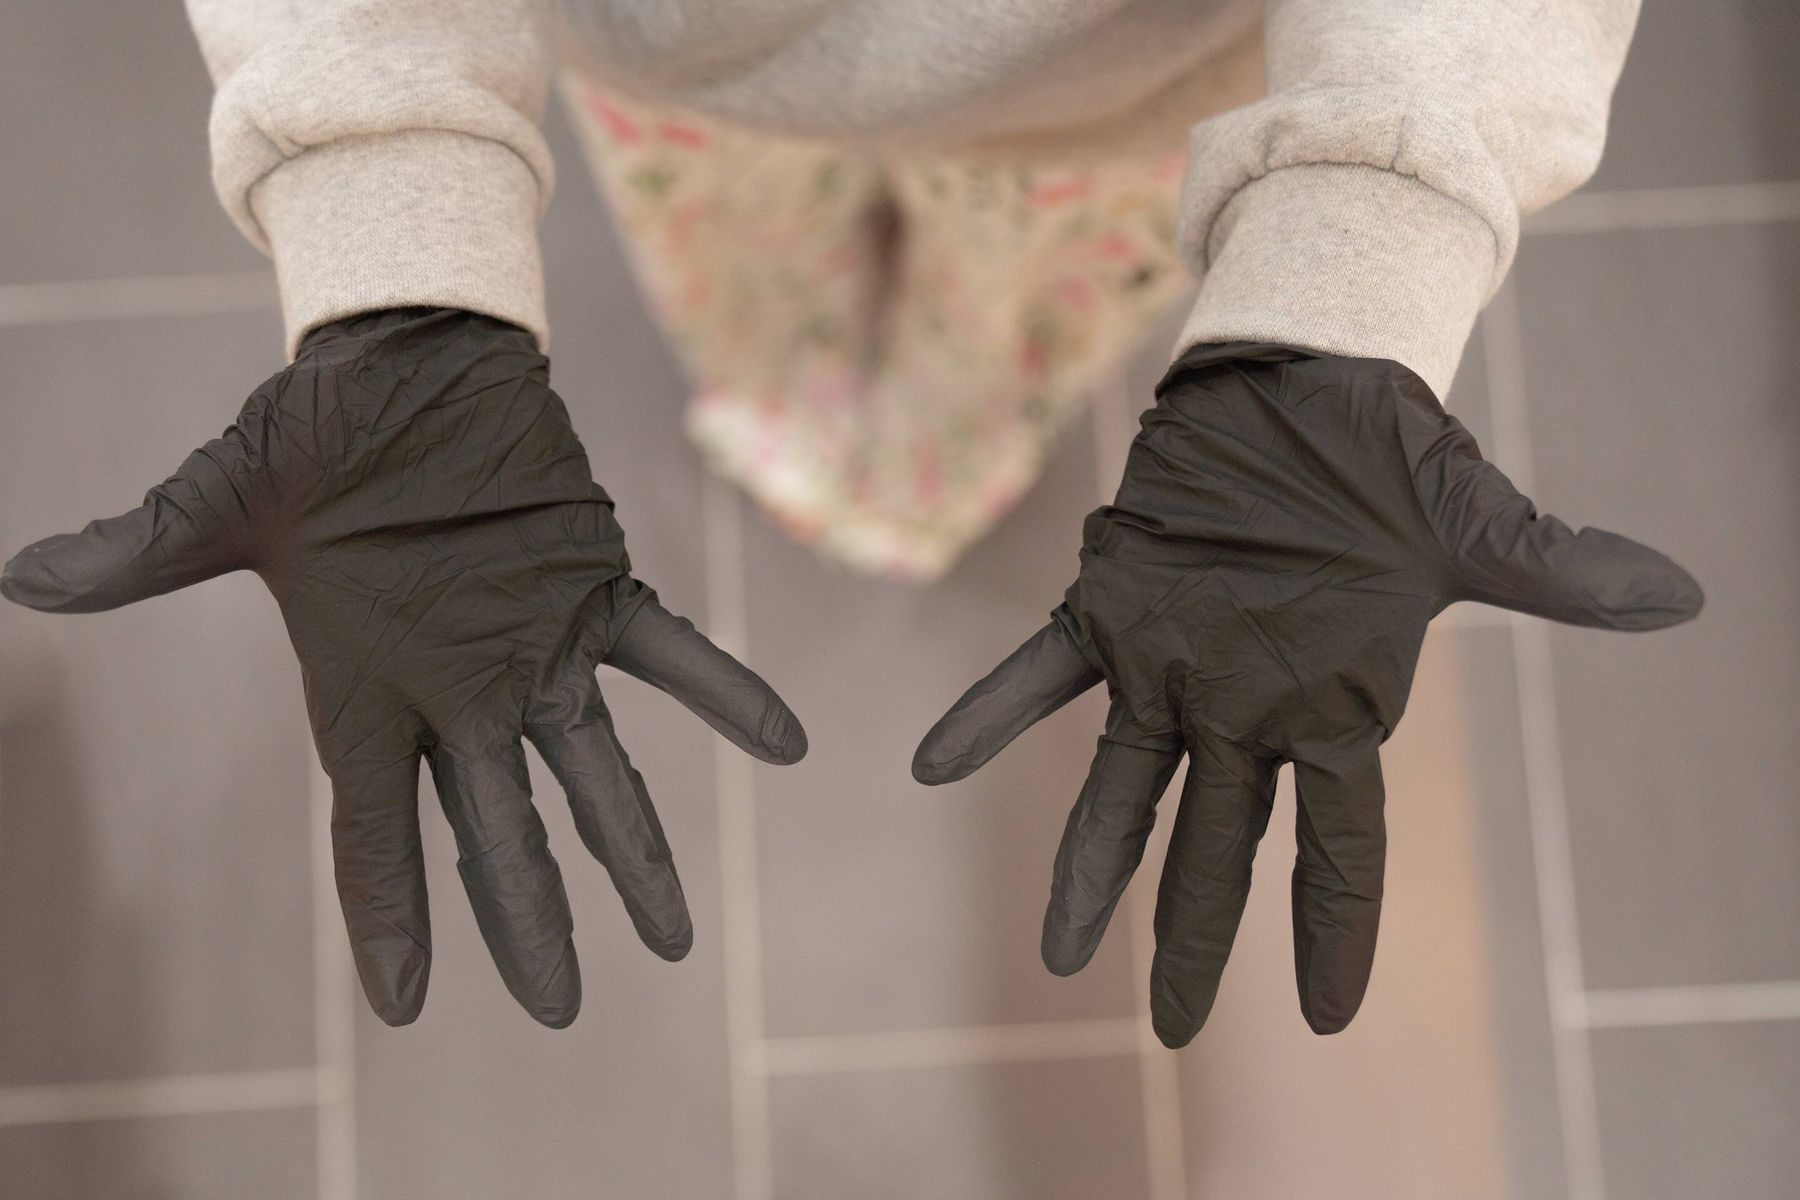 quét bụi thường xuyên ngăn ngừa mùi hôi